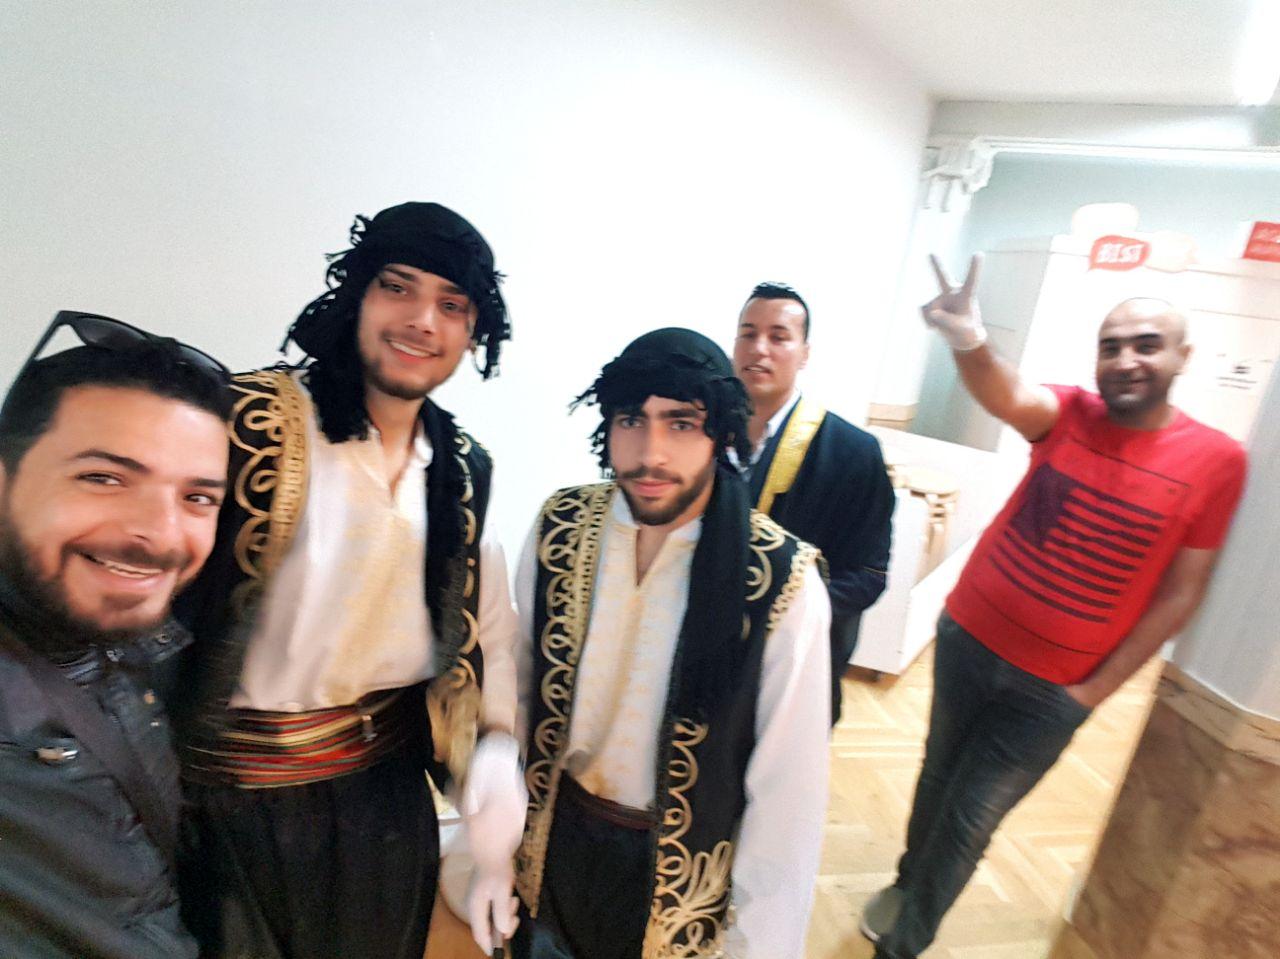 syrischeszentrum00014